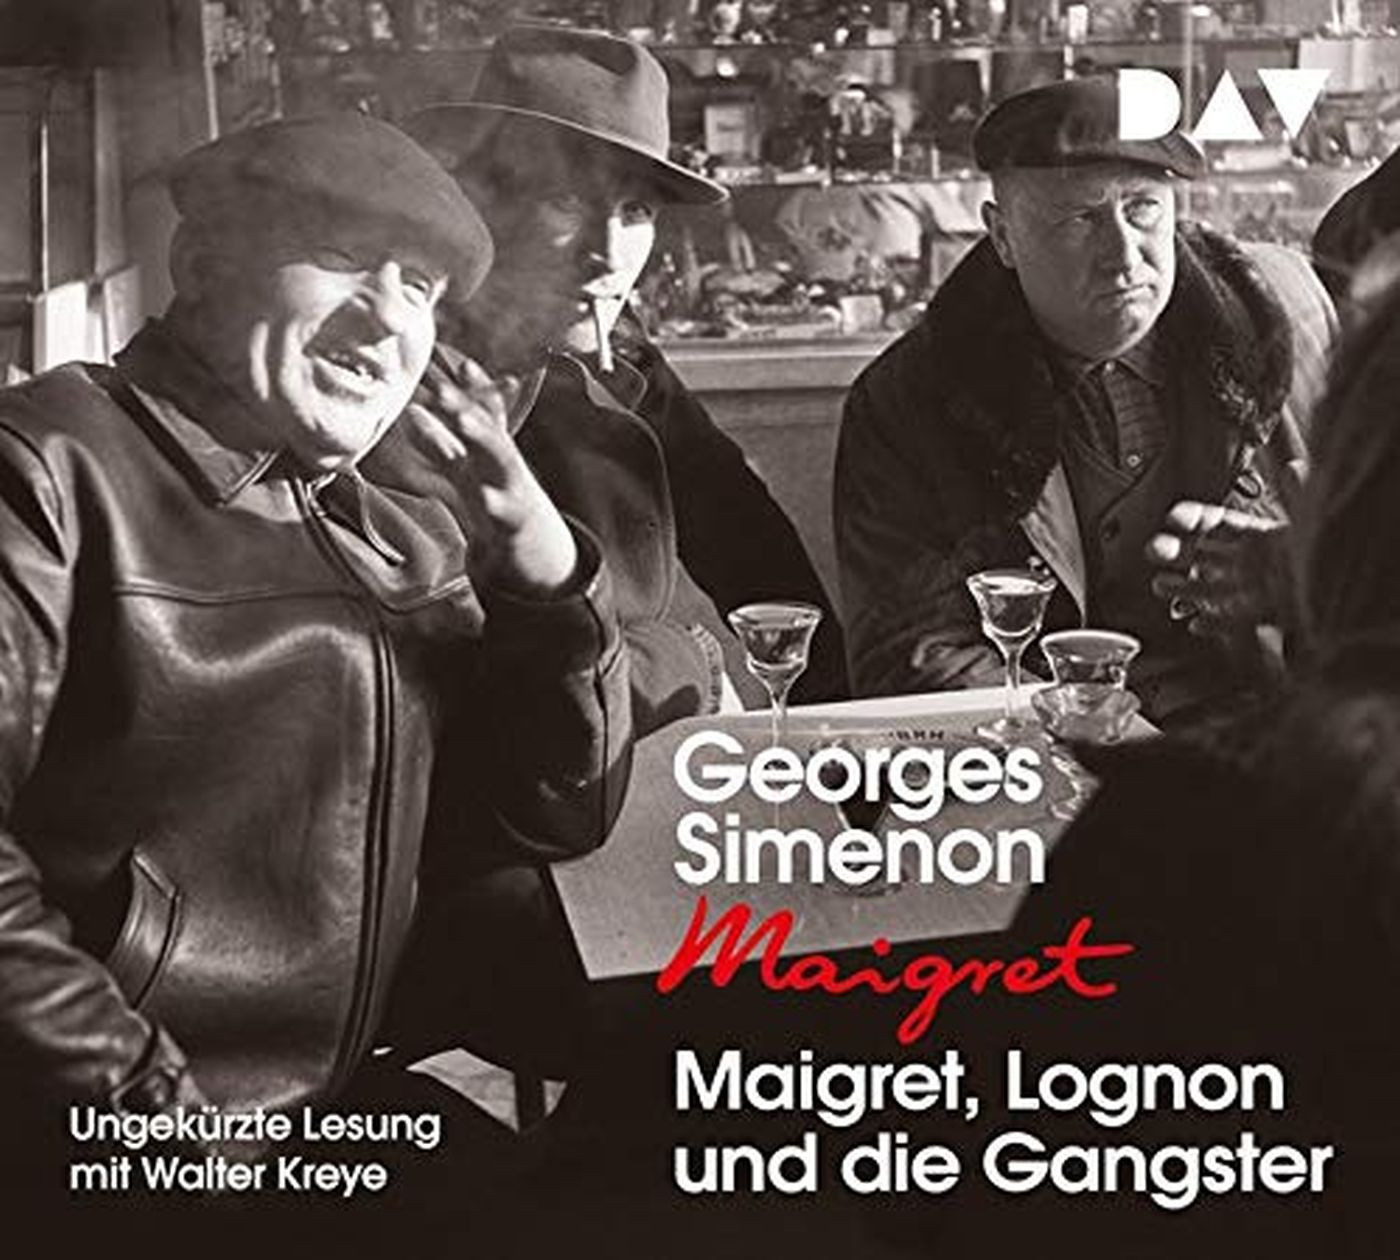 Georges Simenon - Maigret, Lognon und die Gangster